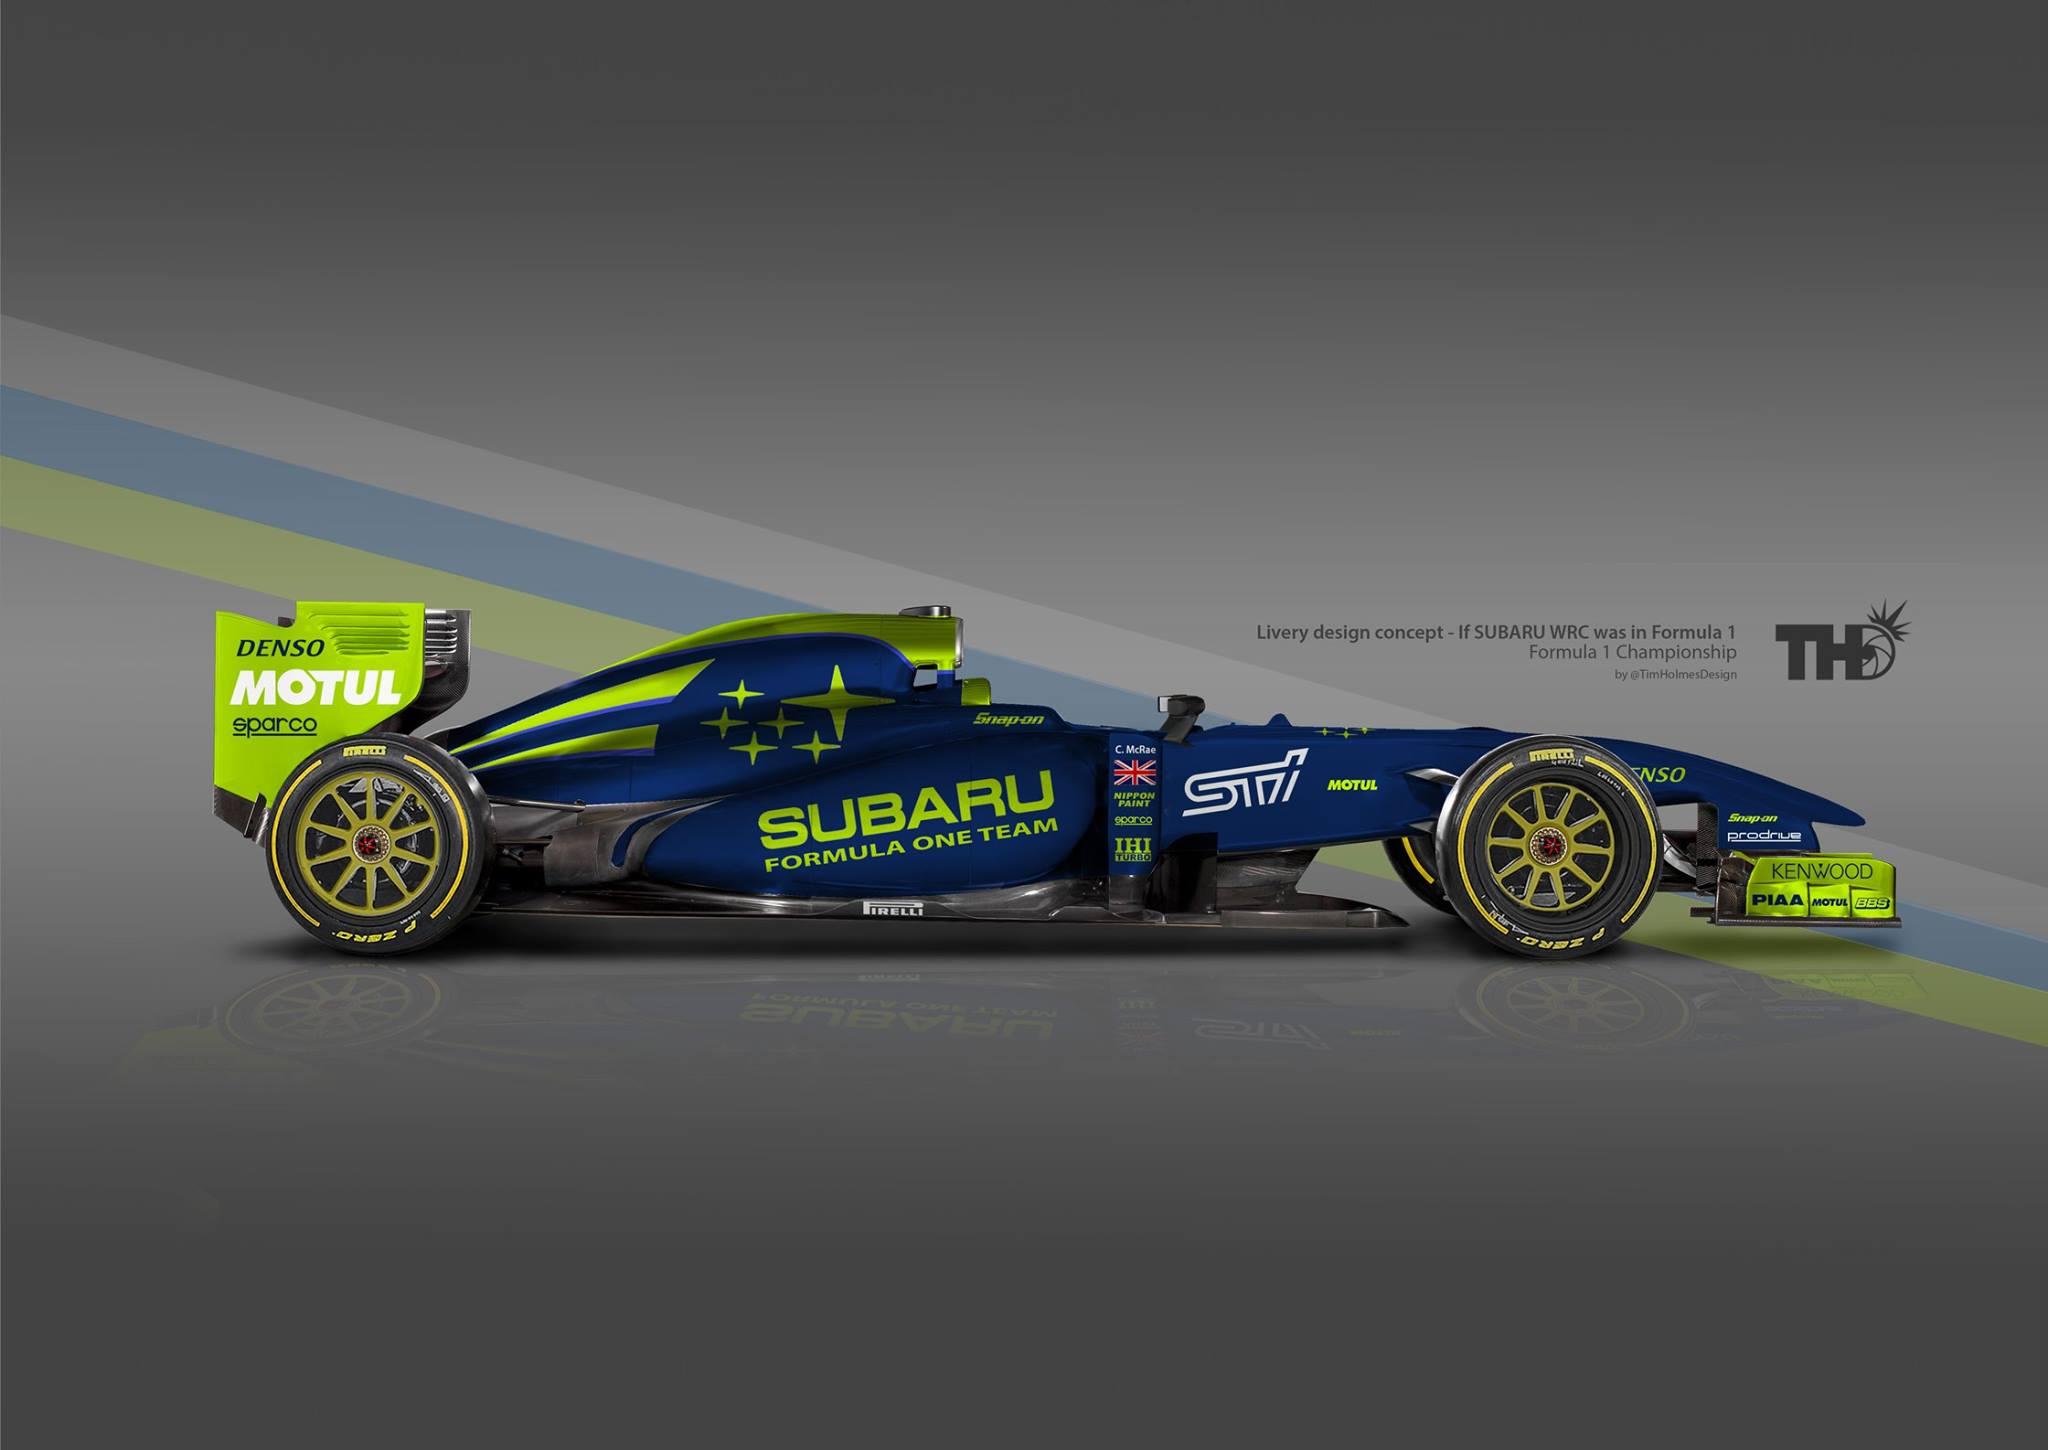 Ilyen lehetne a Subaru F1-es autójának festése